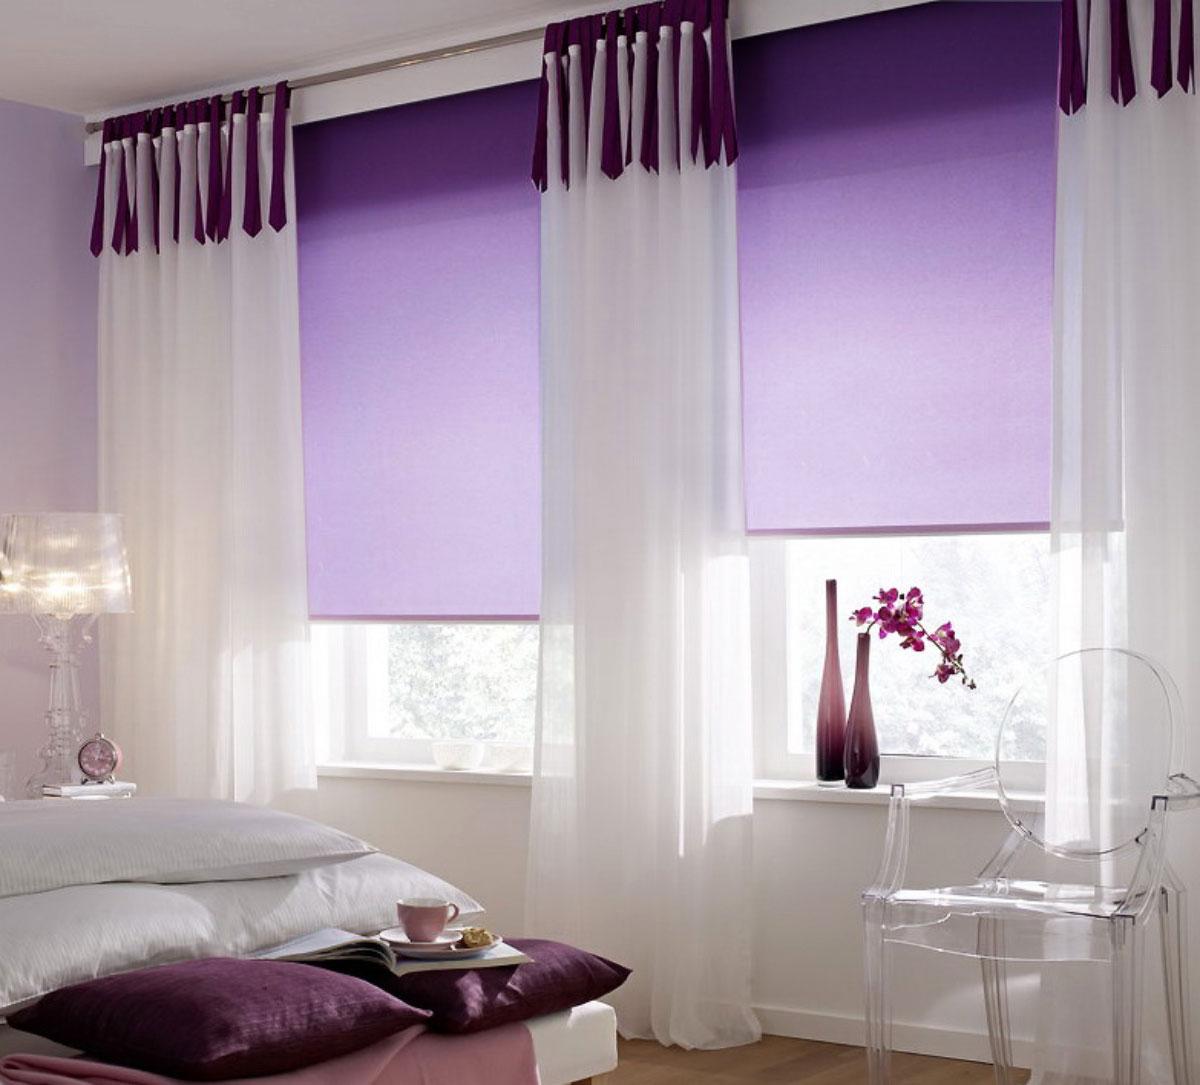 Штора рулонная KauffOrt Миниролло, цвет: фиолетовый, ширина 115 см, высота 170 см3115007Рулонная штора Миниролло выполнена из высокопрочной ткани, которая сохраняет свой размер даже при намокании. Ткань не выцветает и обладает отличной цветоустойчивостью. Миниролло - это подвид рулонных штор, который закрывает не весь оконный проем, а непосредственно само стекло. Такие шторы крепятся на раму без сверления при помощи зажимов или клейкой двухсторонней ленты (в комплекте). Окно остается на гарантии, благодаря монтажу без сверления. Такая штора станет прекрасным элементом декора окна и гармонично впишется в интерьер любого помещения.